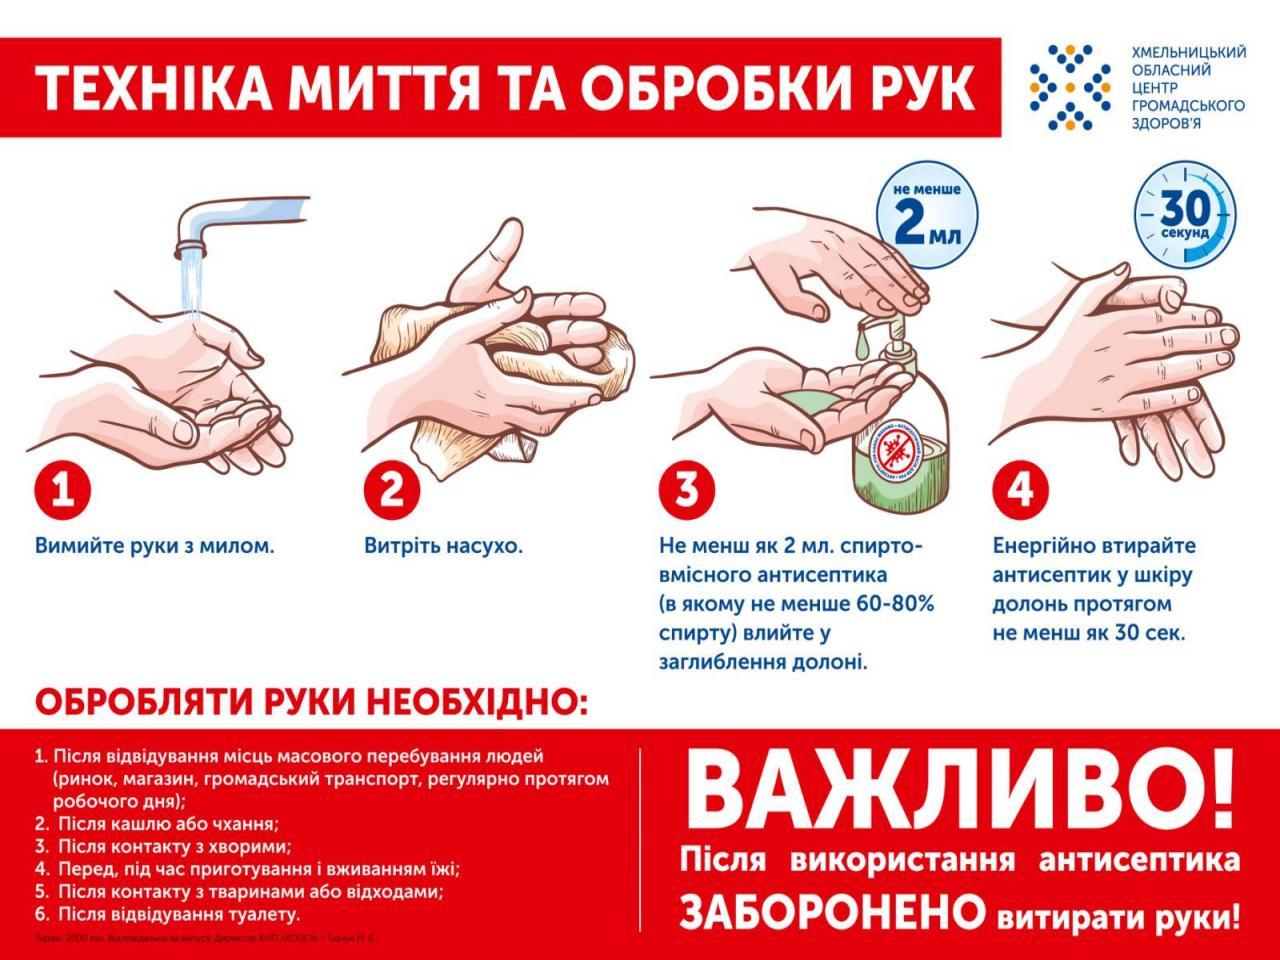 http://dunrada.gov.ua/uploadfile/archive_news/2020/03/16/2020-03-16_803/images/images-67136.jpg